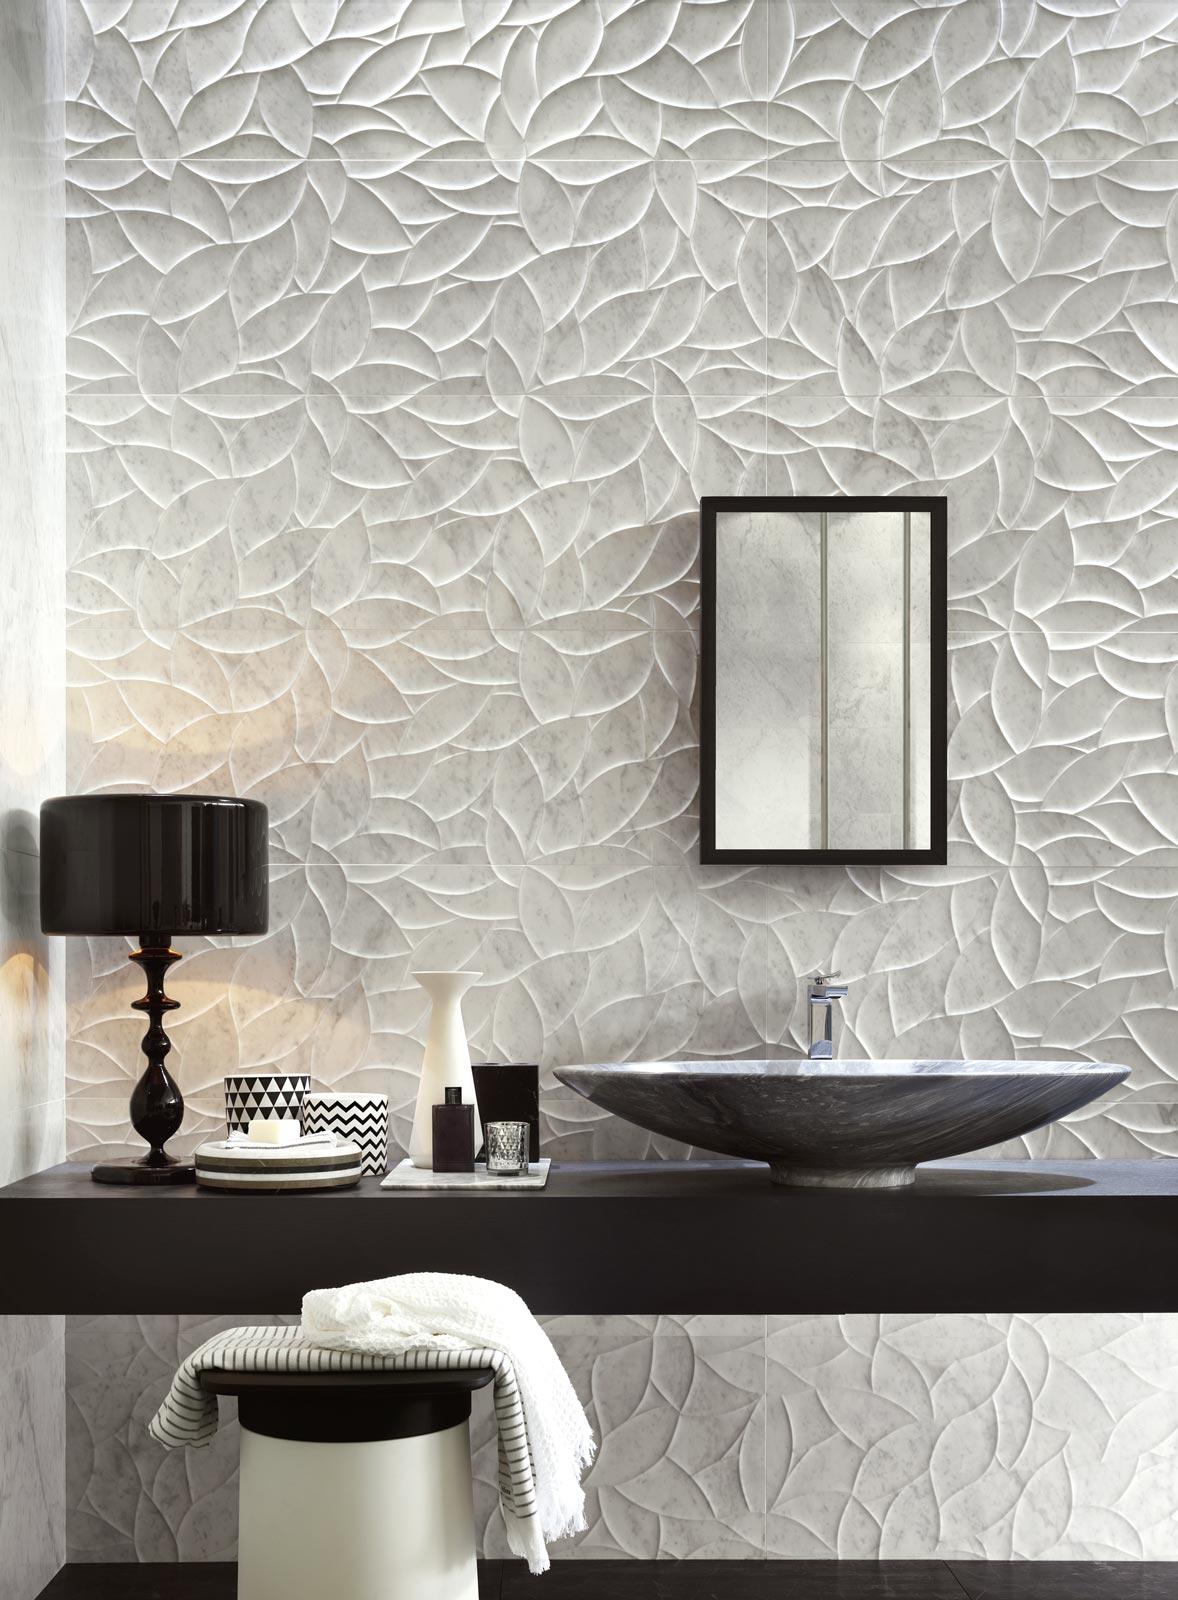 Collezione bistrot wall piastrelle in ceramica da - Piastrelle in ceramica ...